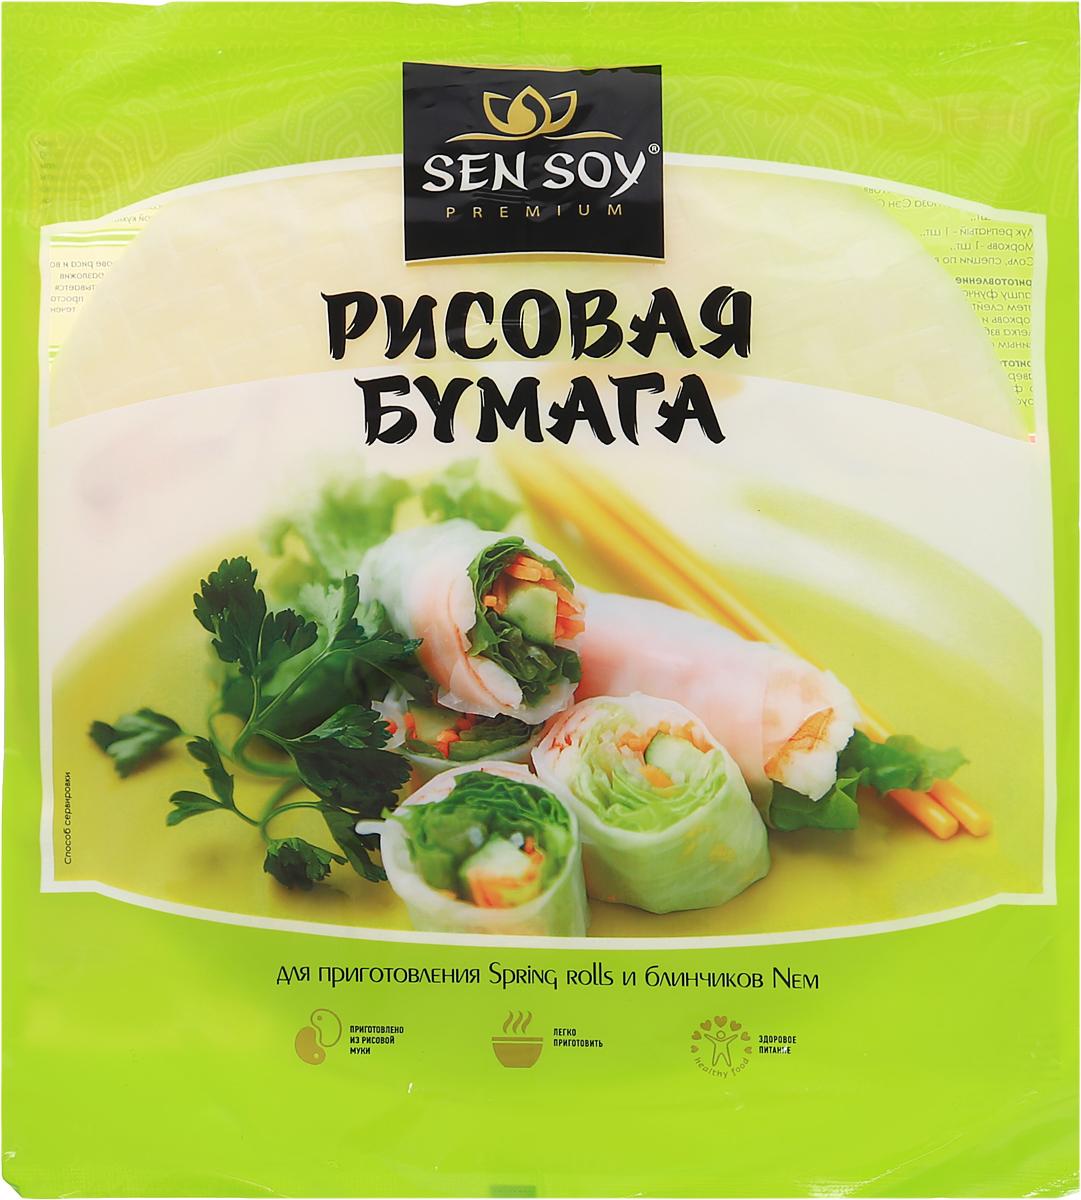 Sen Soy Рисовая бумага, 100 г0120710Рисовая бумага Sen Soy Premium готовится из теста на основе риса и воды, с добавлением соли. Готовые листы сушат на солнце, разложив на бамбуковых циновках, характерный рисунок от которых отпечатывается на каждом листе. Хрупкая и ломкая в сухом виде, она очень проста в приготовлении – достаточно размочить листы в холодной воде в течение минуты и можно смело заворачивать начинку в ролл. Рисовая бумага – уникальный диетический продукт, который не содержит жиров и сахара. Обогащенная клетчаткой, она также служит незаменимым источником полезных углеводов и является важным источником нескольких витаминов группы В.Упаковка может иметь несколько видов дизайна. Поставка осуществляется в зависимости от наличия на складе.